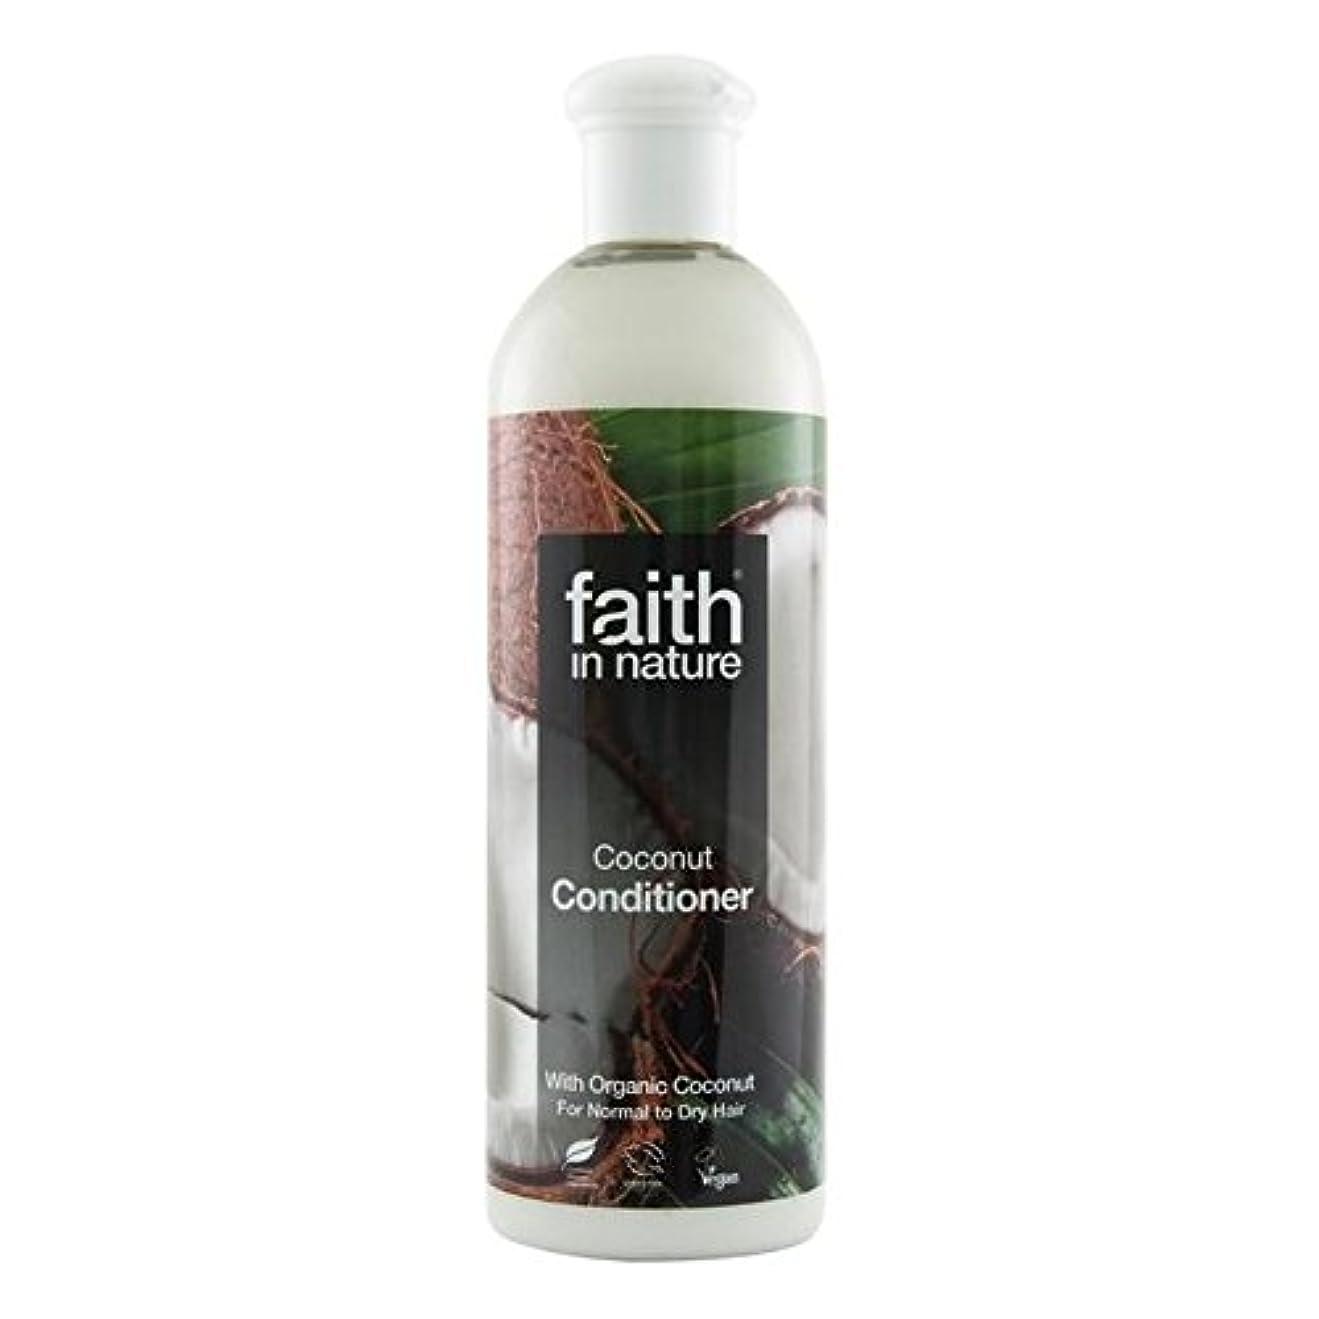 酸化するドラマ空洞Faith in Nature Coconut Conditioner 400ml (Pack of 4) - (Faith In Nature) 自然ココナッツコンディショナー400ミリリットルの信仰 (x4) [並行輸入品]